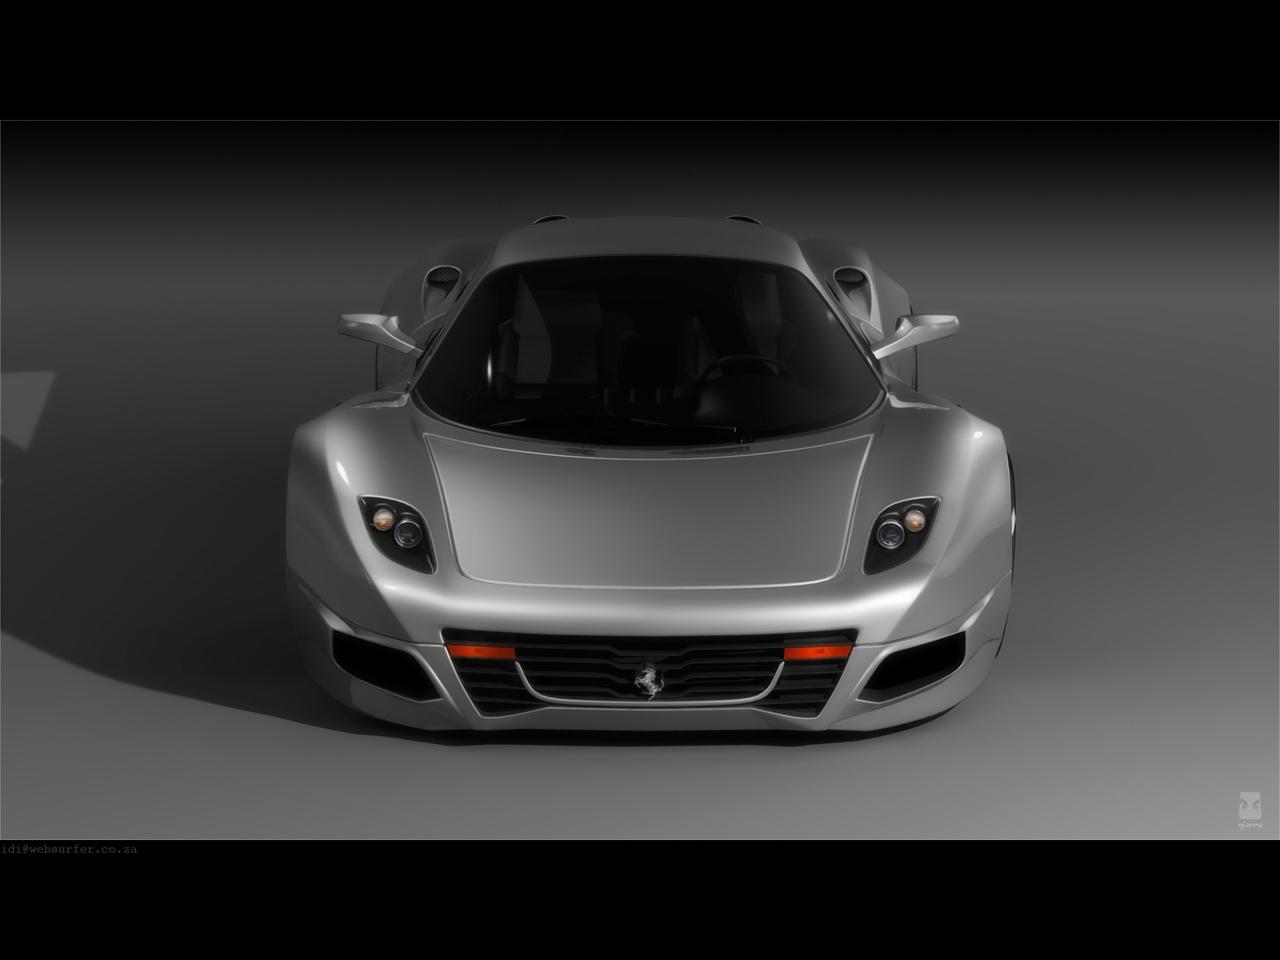 Ferrari F250 Concept Design by Idries Noah